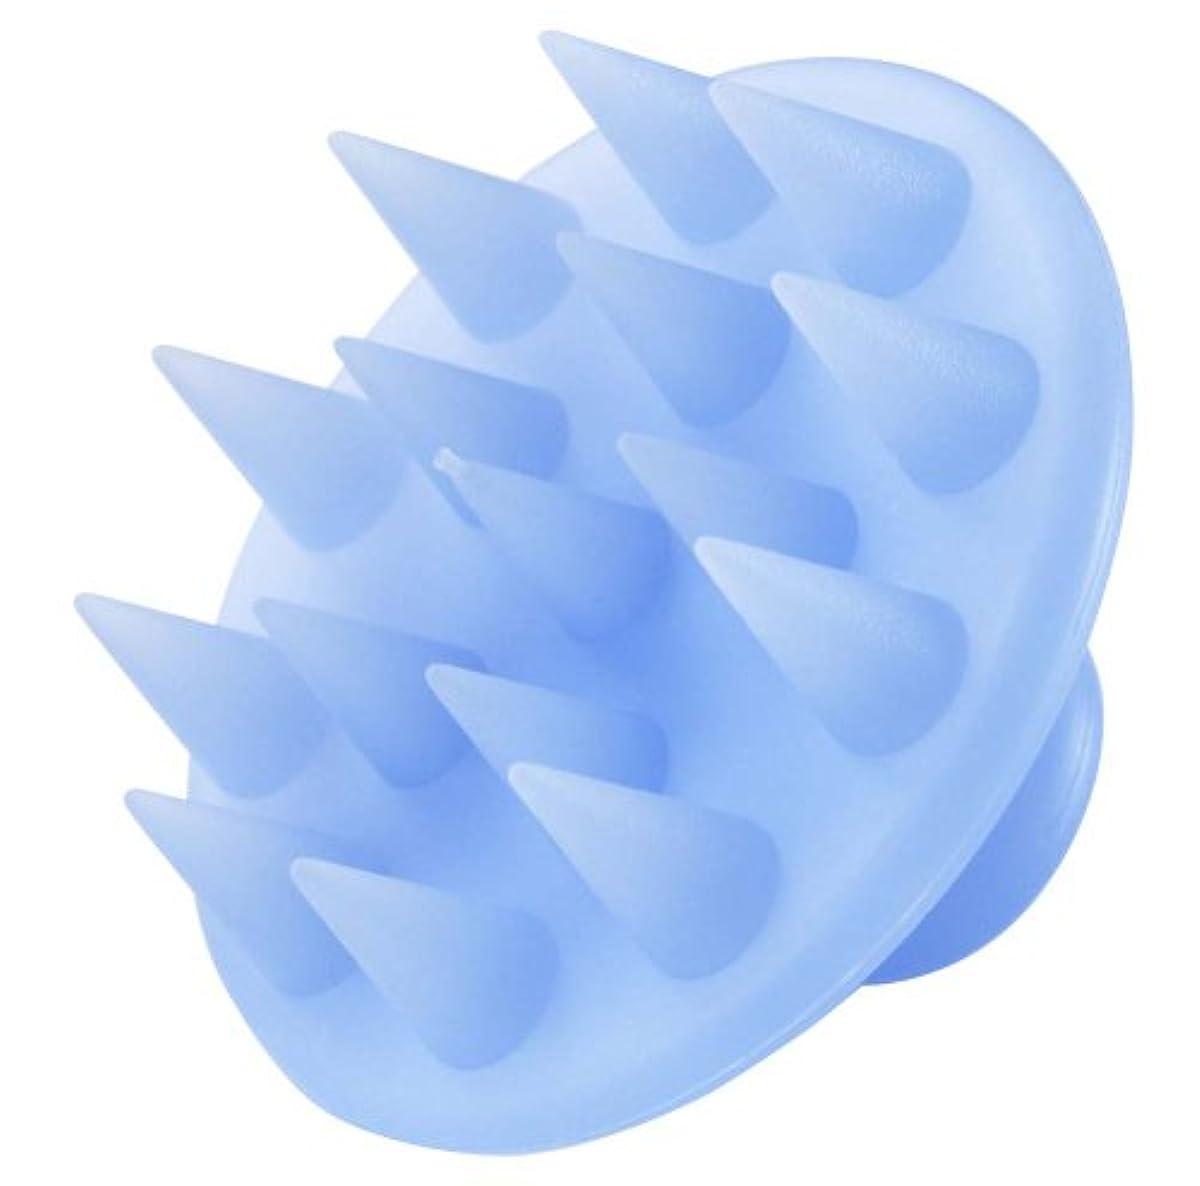 실리콘 샴푸 브러시 블루 32709-32709